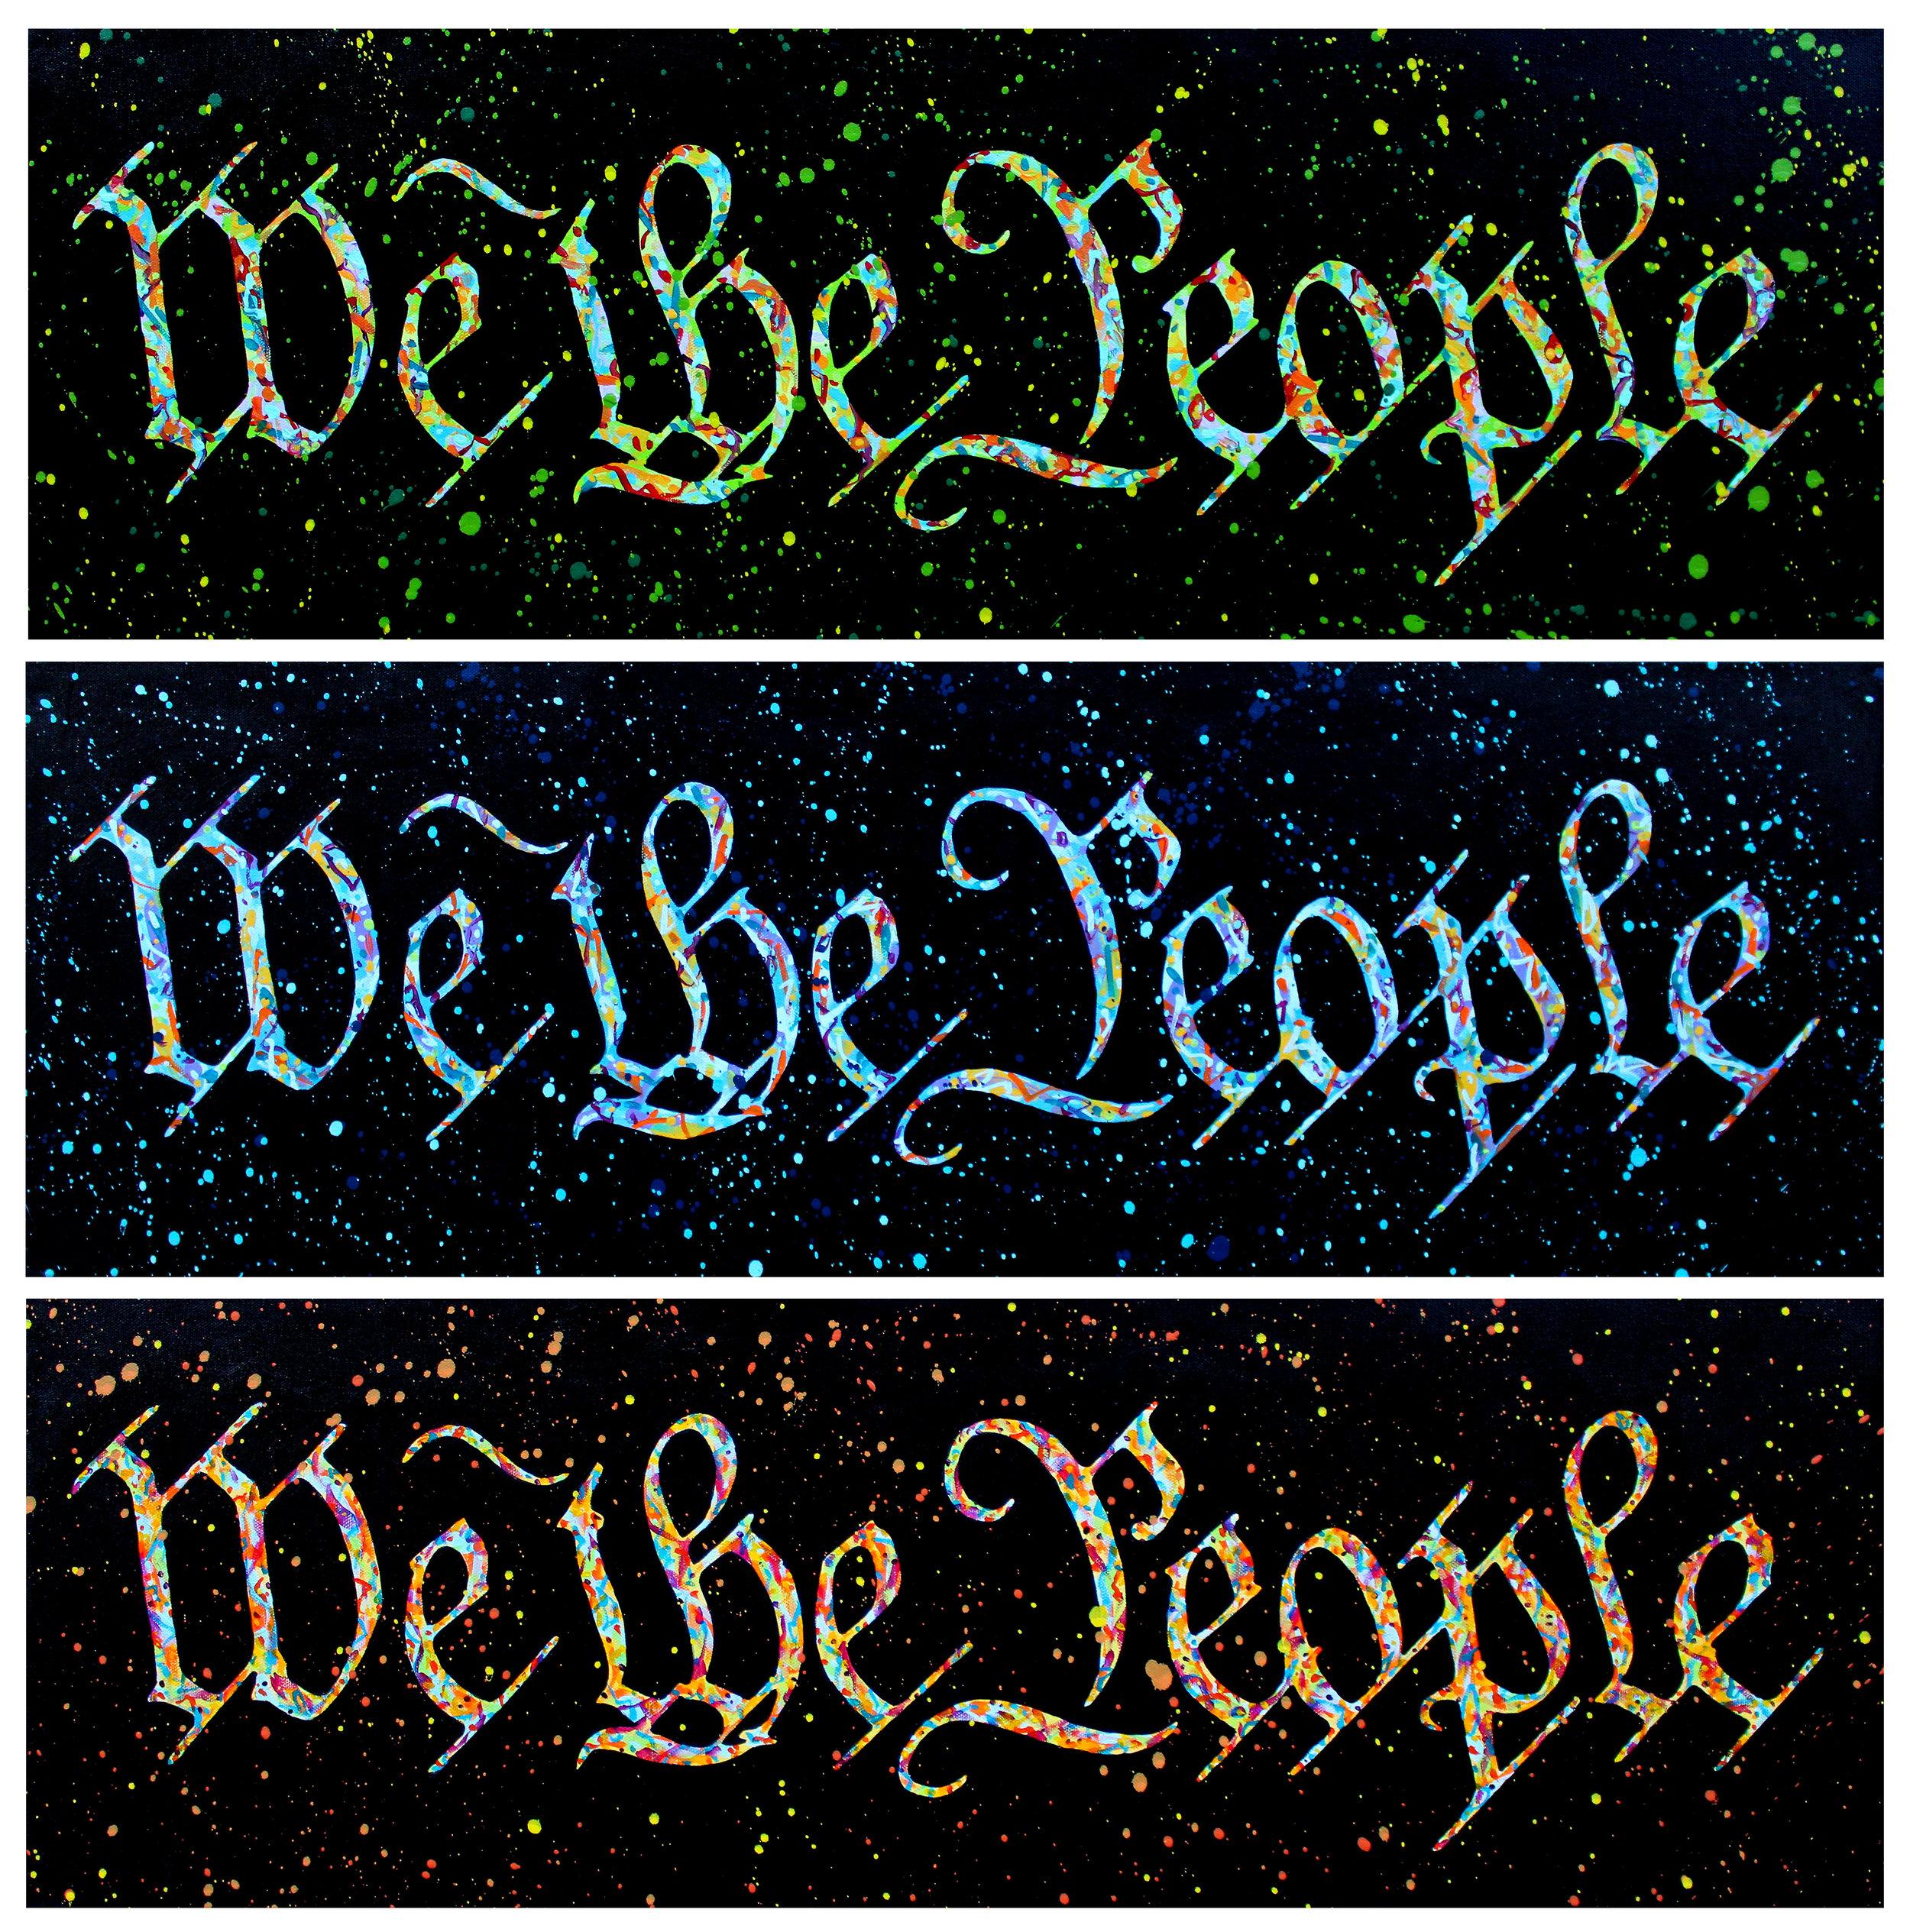 We The People Series - Numbers 1-3